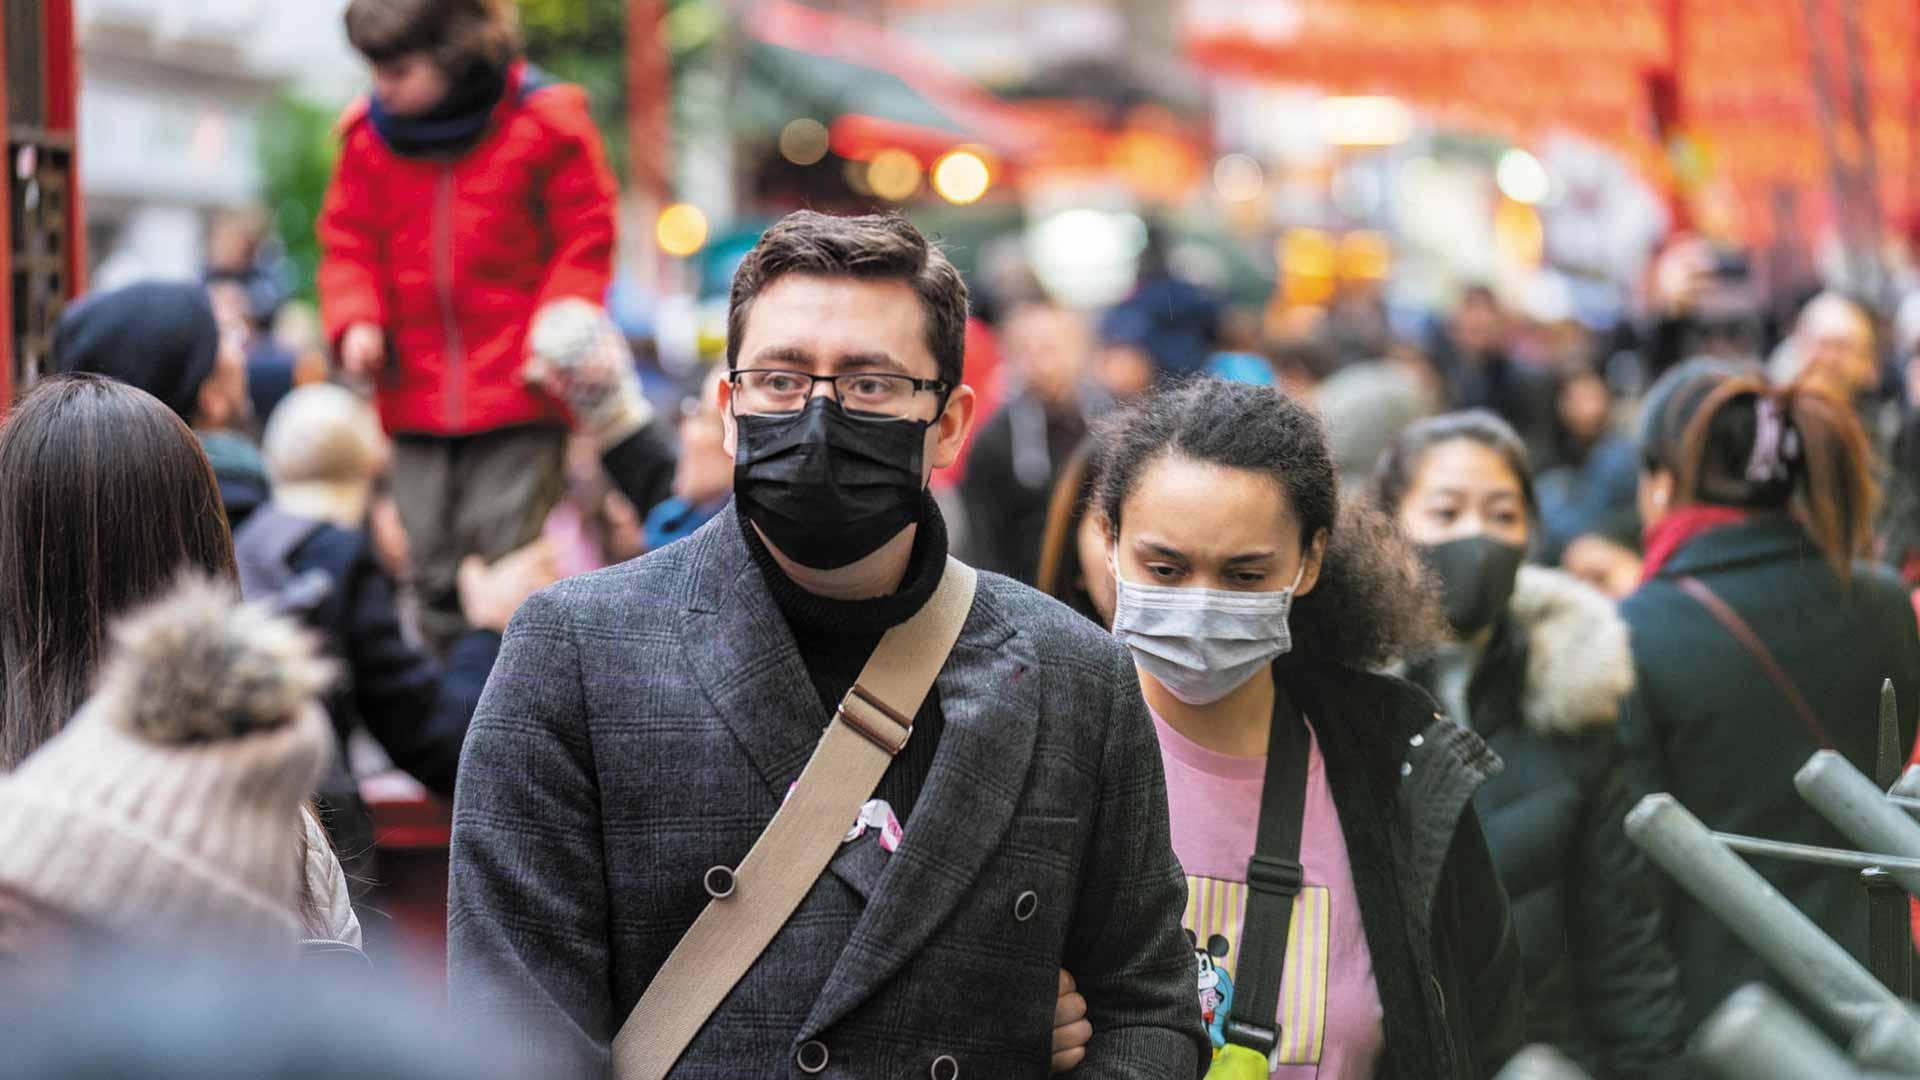 Cuando termina la pandemia - Noticiero de Venezuela